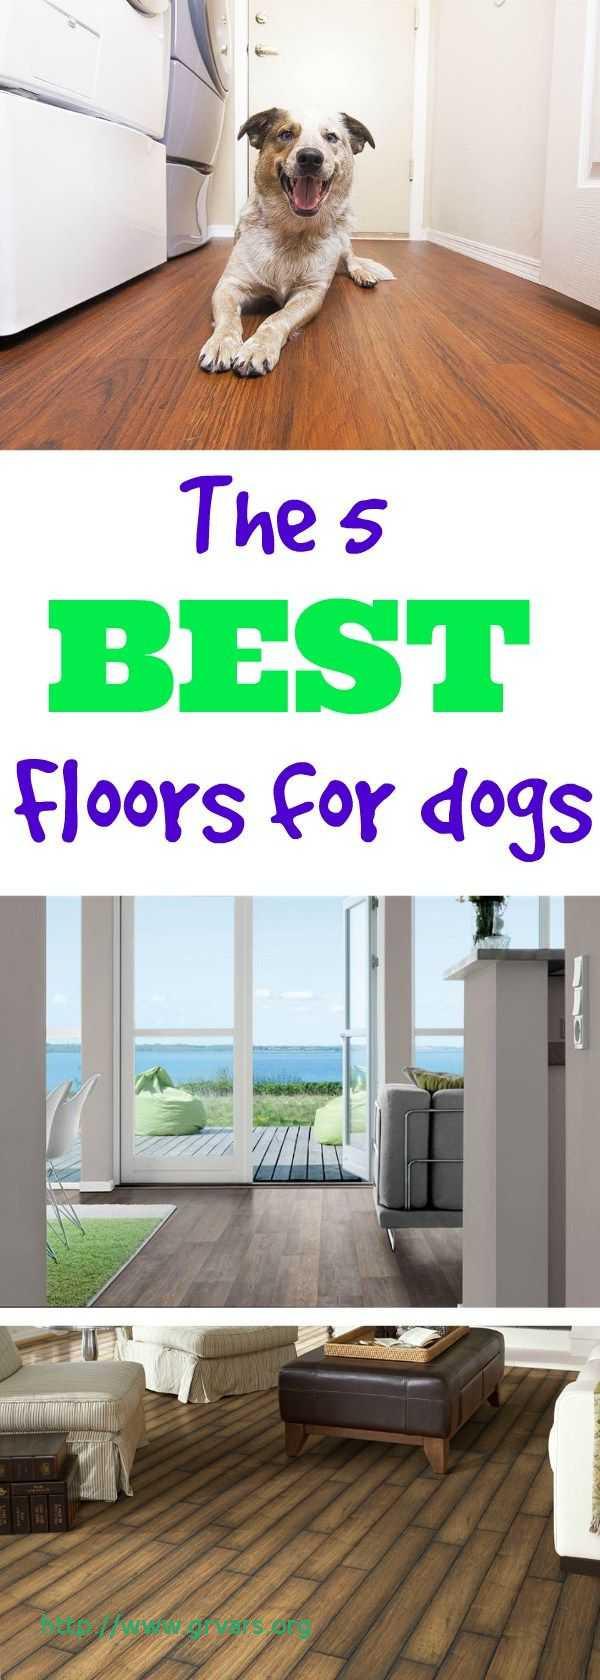 hardwood floor refinishing charleston sc of 22 impressionnant flooring for dog room ideas blog intended for flooring for dog room inspirant what s the best flooring for dogs pinterest